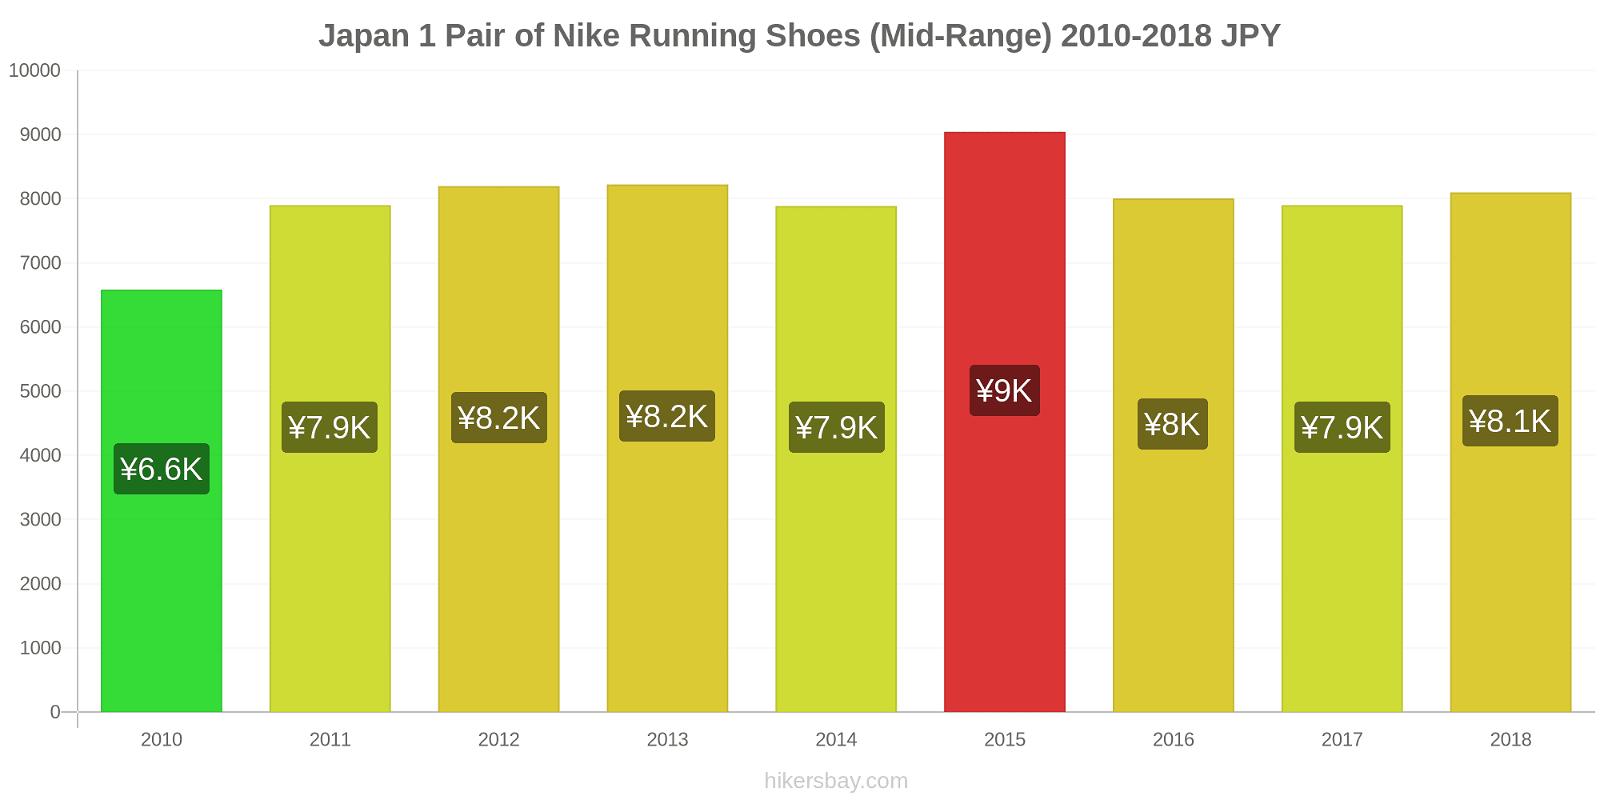 Japan price changes 1 Pair of Nike Running Shoes (Mid-Range) hikersbay.com